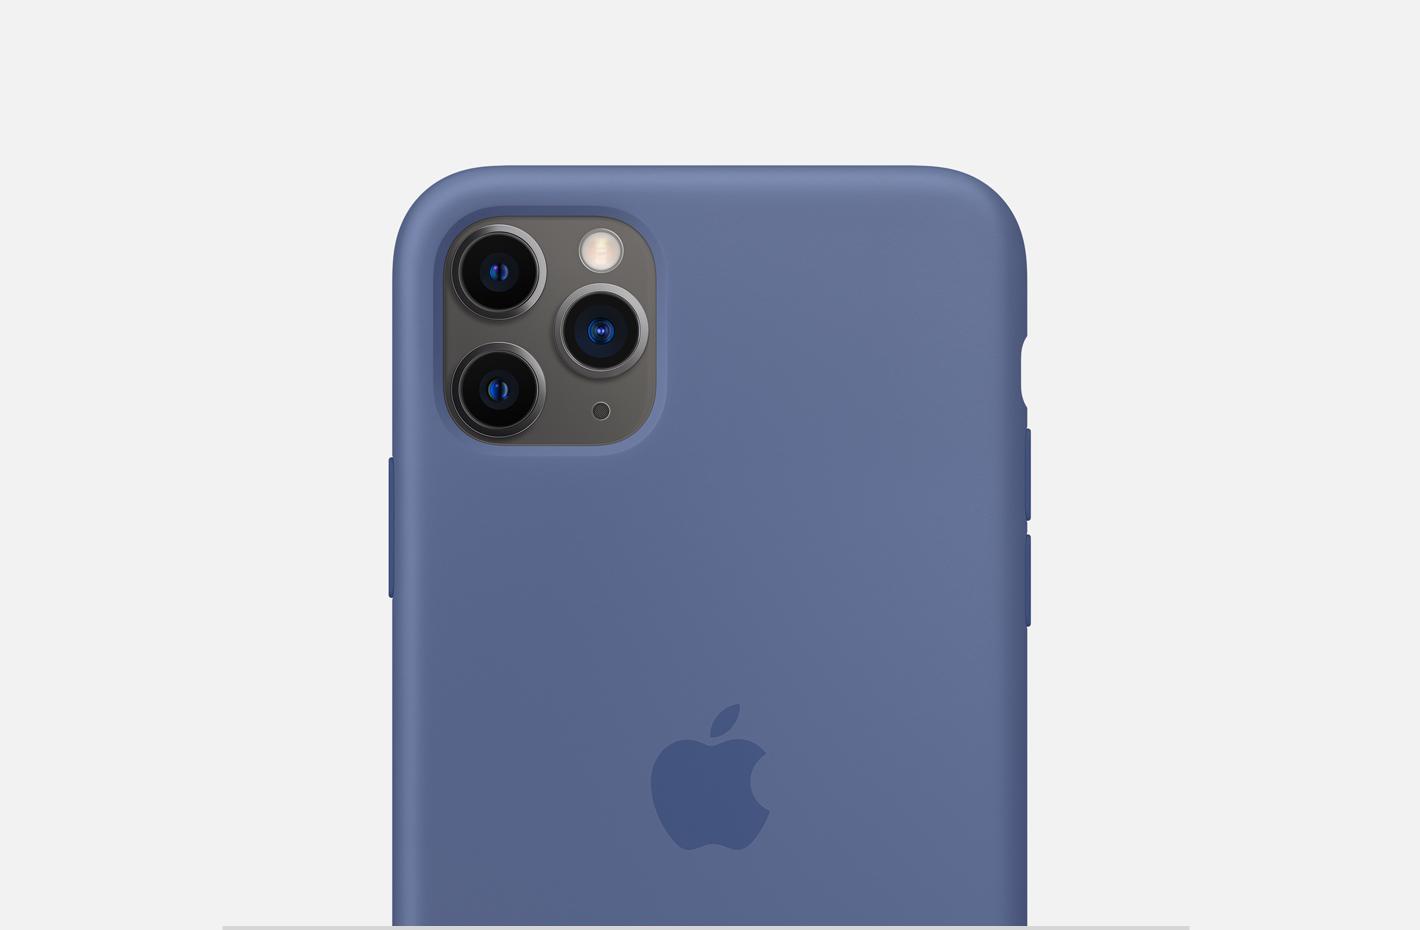 Tegoroczne iPhone'y – dwa 6,1-calowe modele, jeden 5,4-calowy i 6,7-calowy